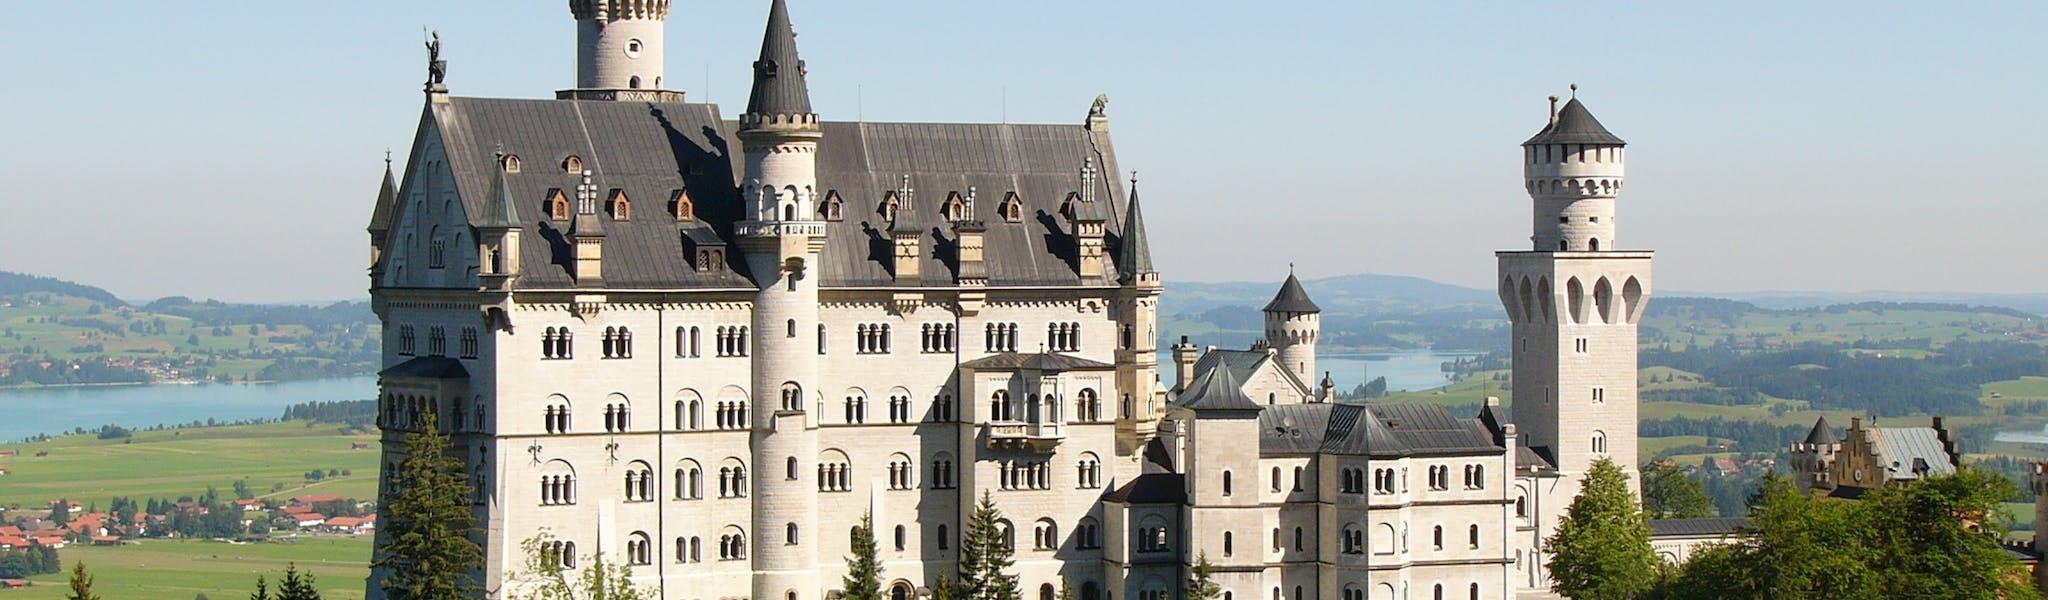 Neuschwanstein Duitsland